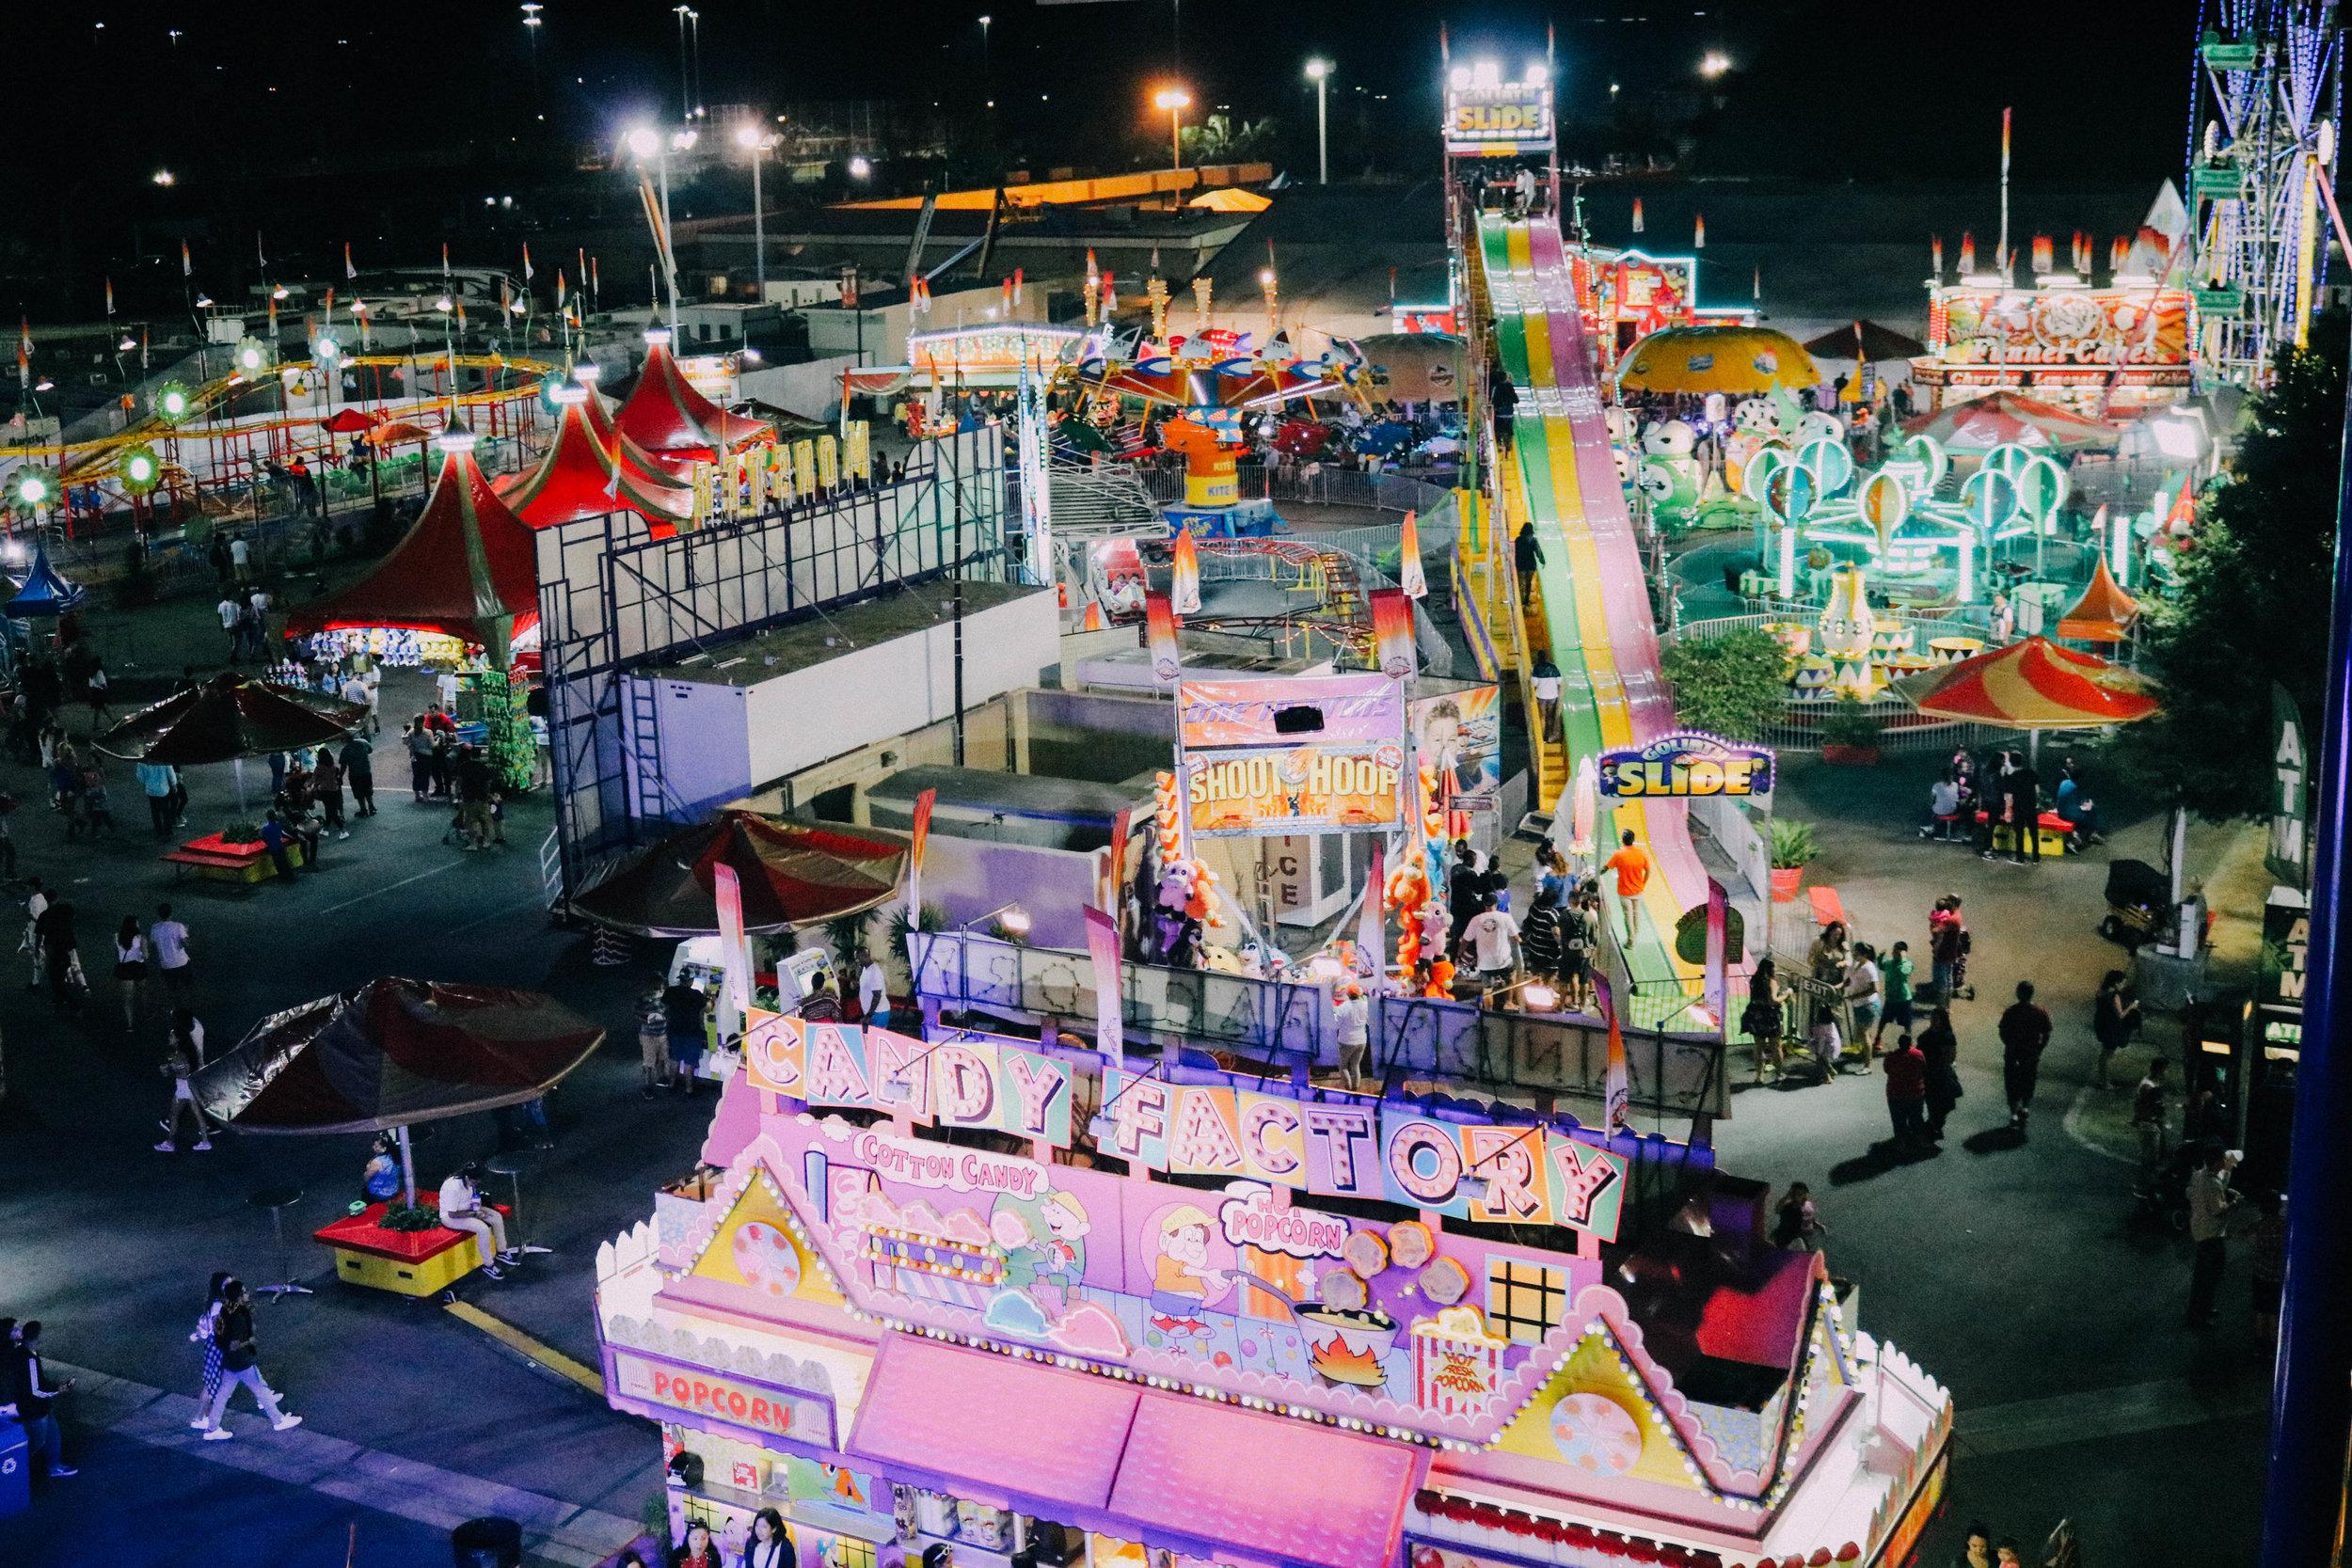 OC Fair 2017